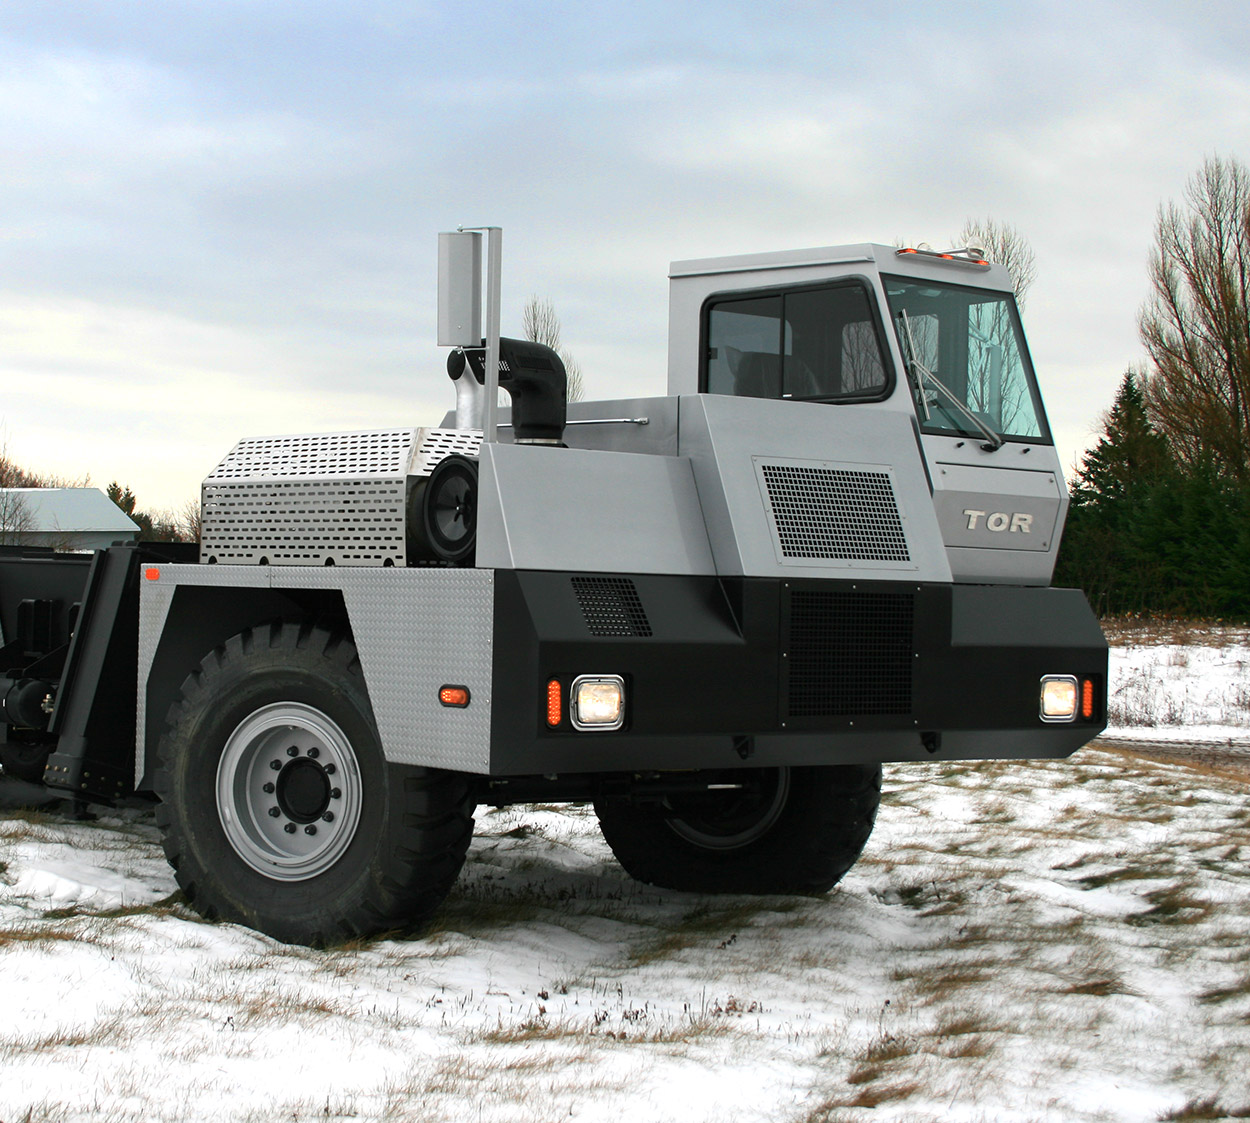 Camion porteur TOR | Appareil de forage | Puits de pétrole